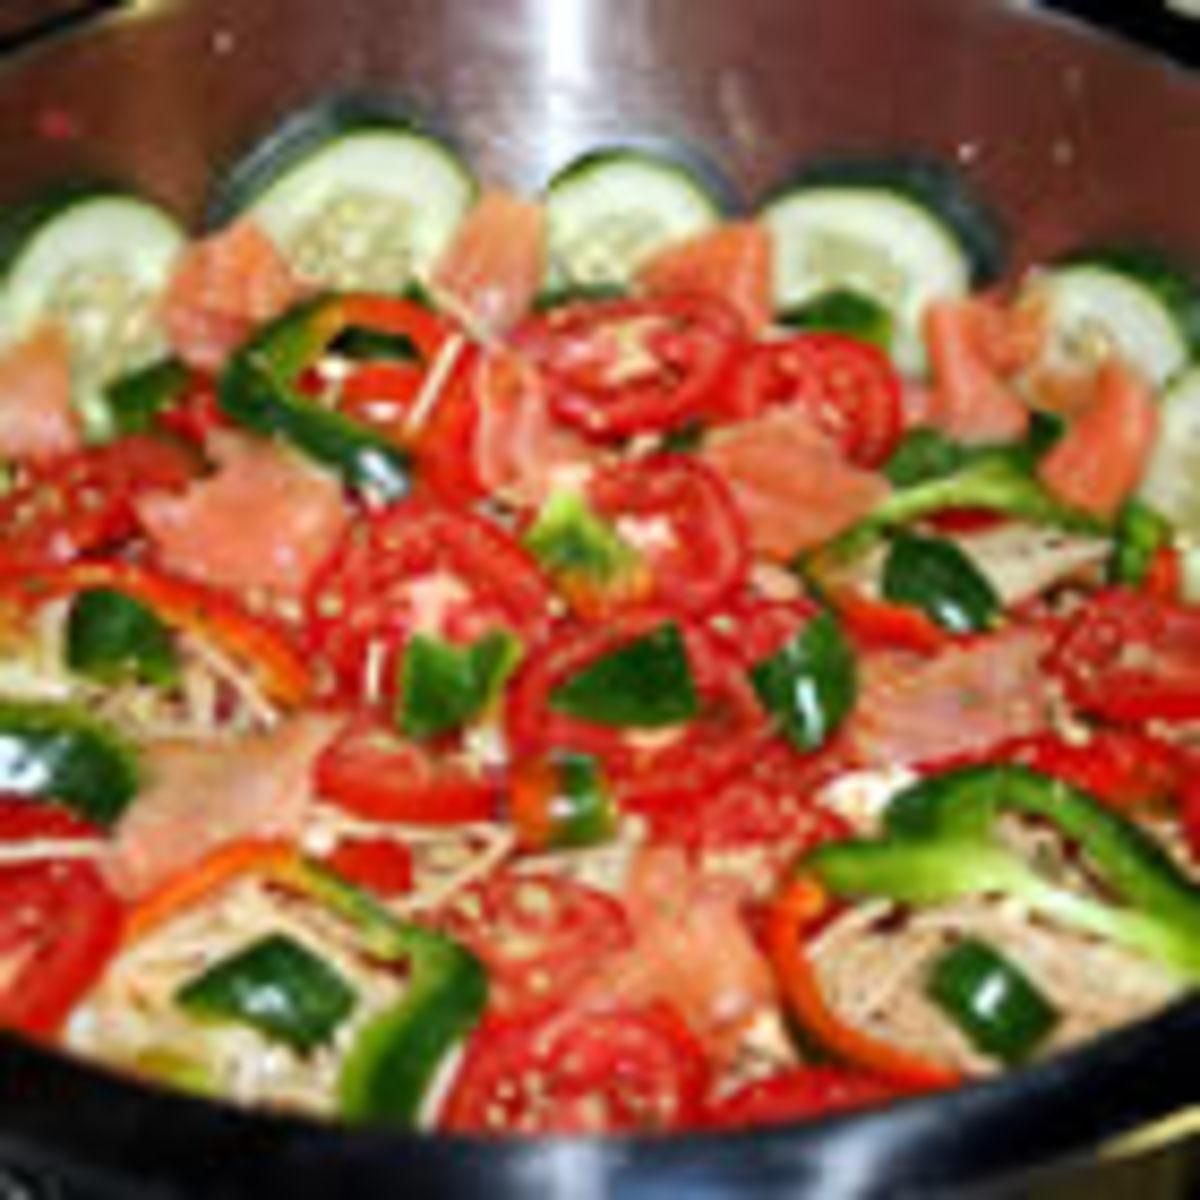 Smoked Salmon Pasta Salad (from Allrecipes)